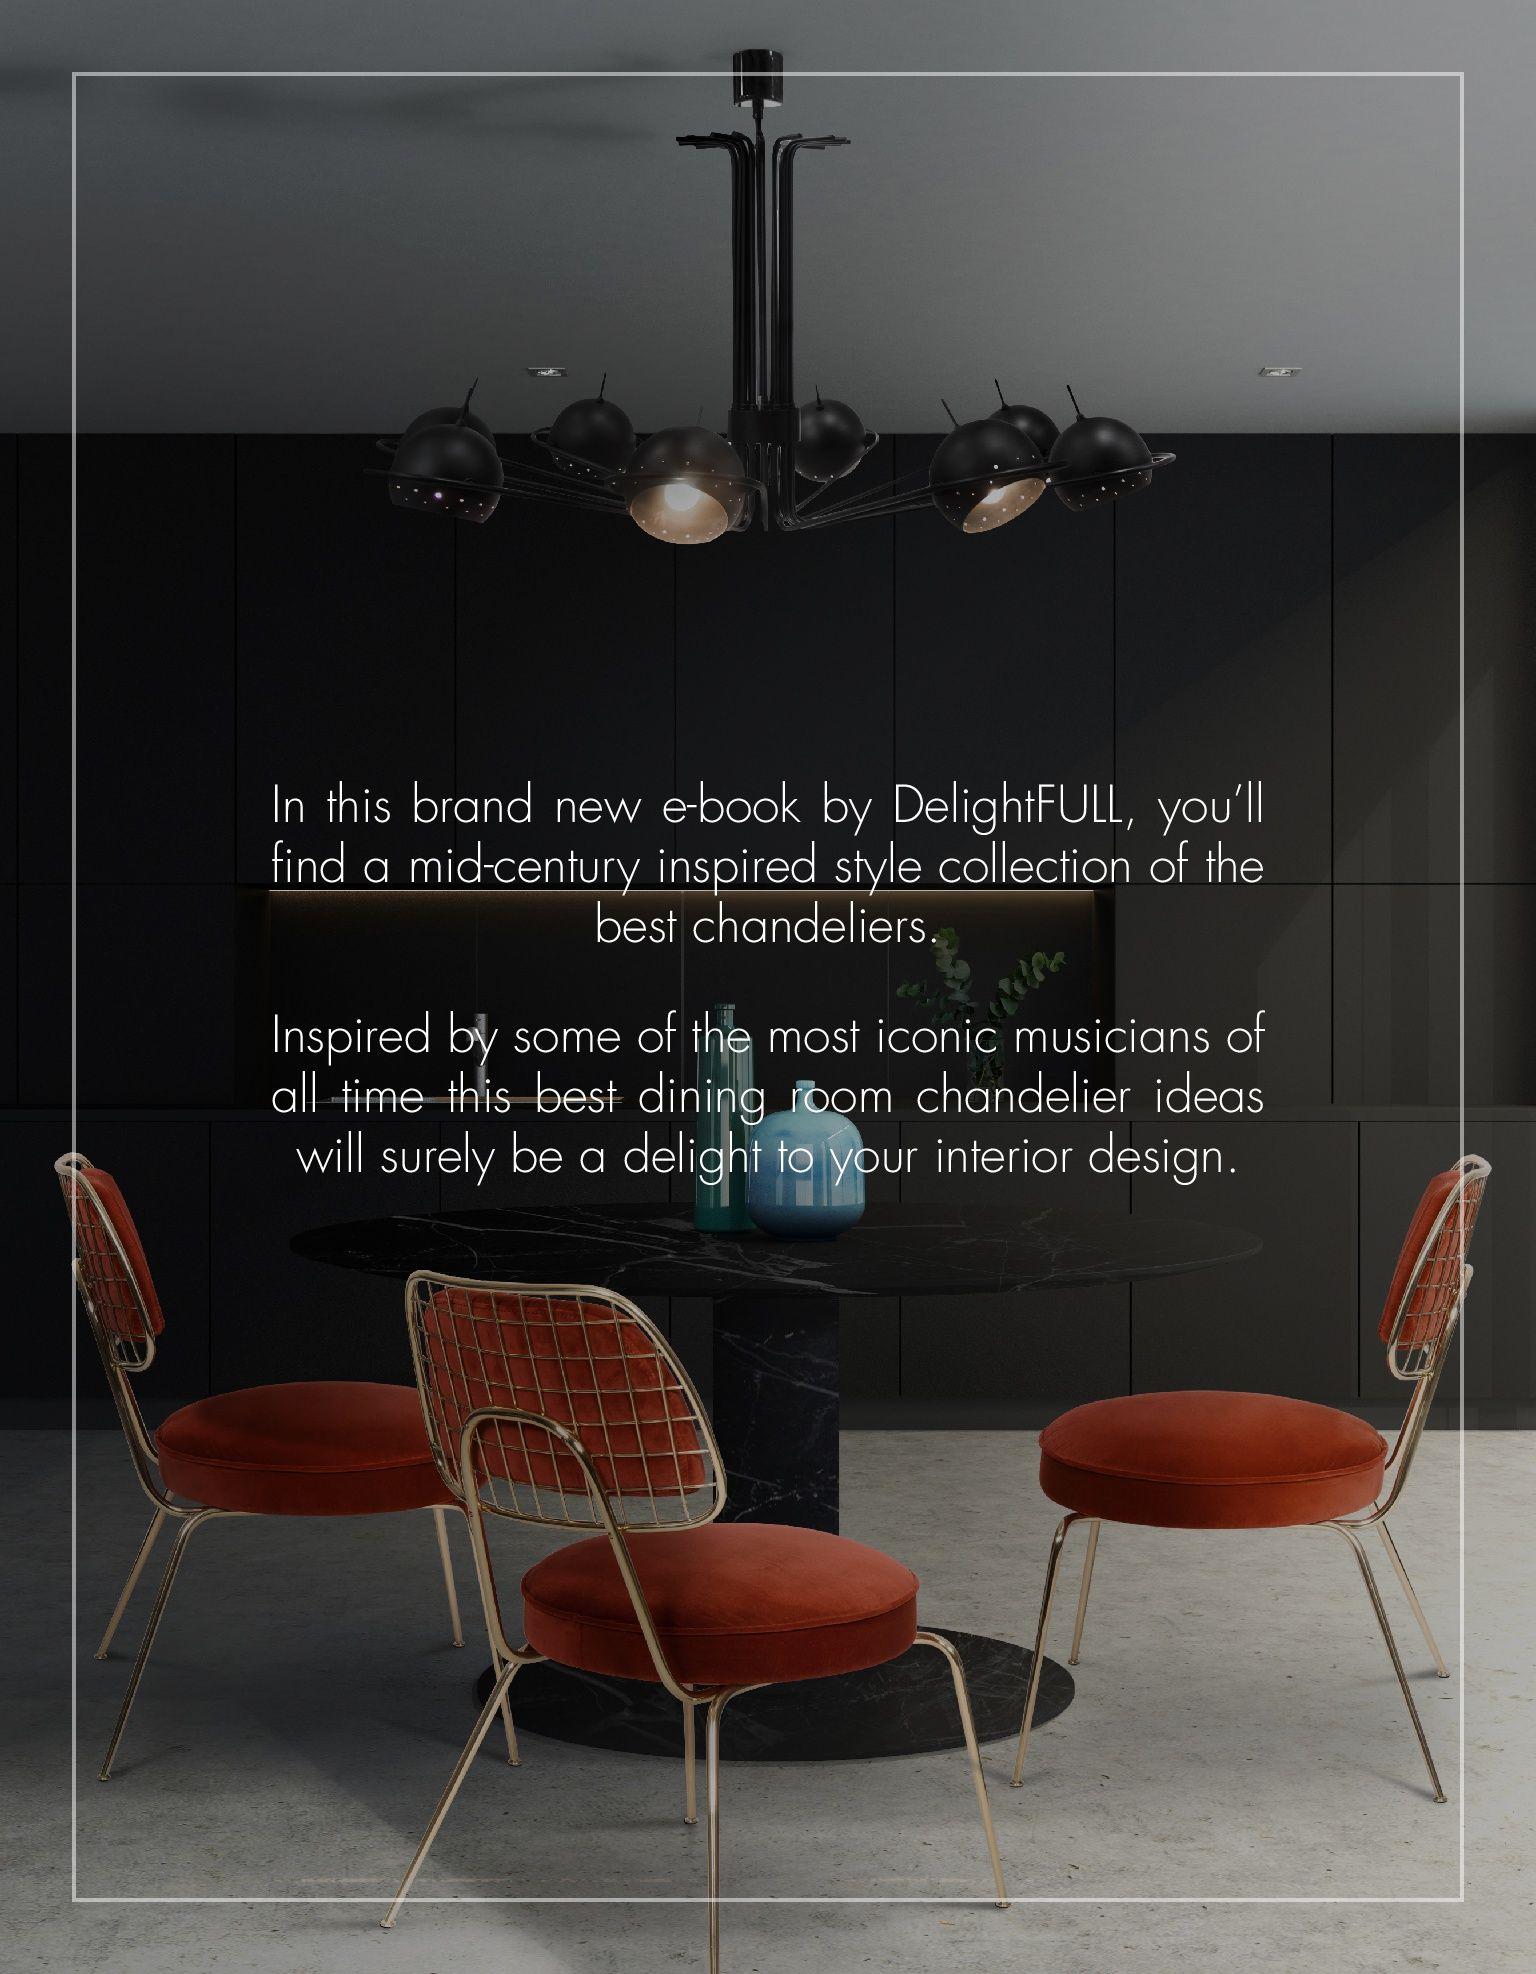 Delightfull vous apporte une collection des meilleures idées de